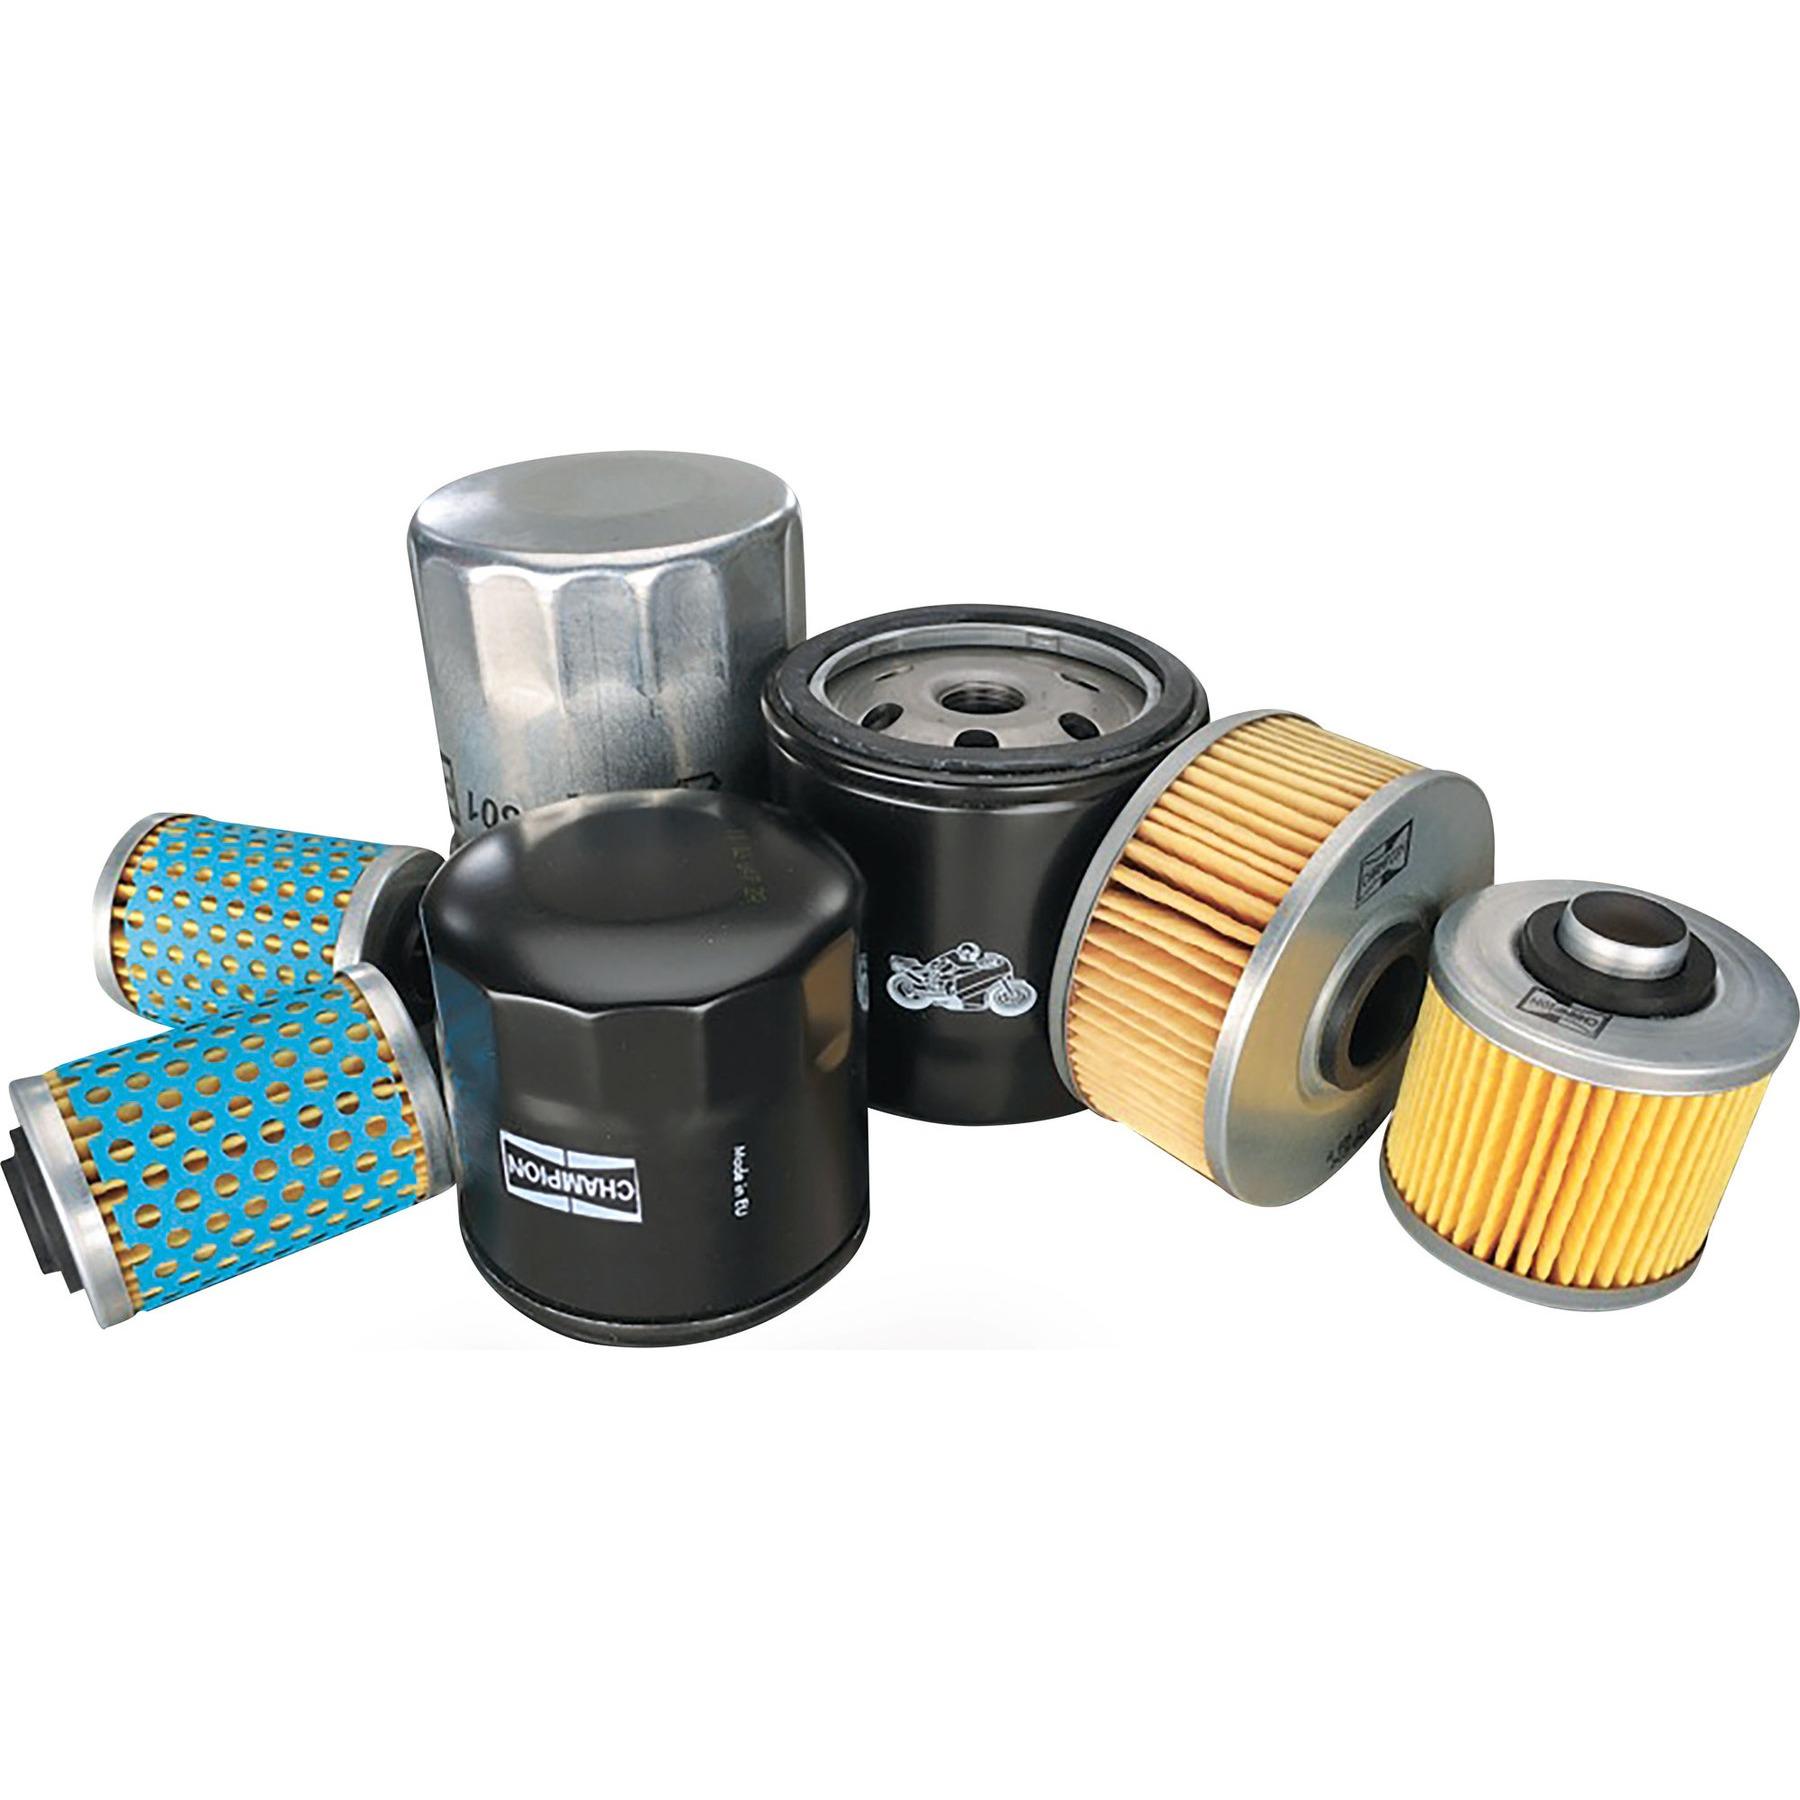 CBR 600 F PC25 CBR 600 F PC19 CBR 600 F PC35 Filtre /à/ essence pour raord 11 mm pour CBR 1000 F SC21 CBR 600 F PC31 CBR 600 F PC23